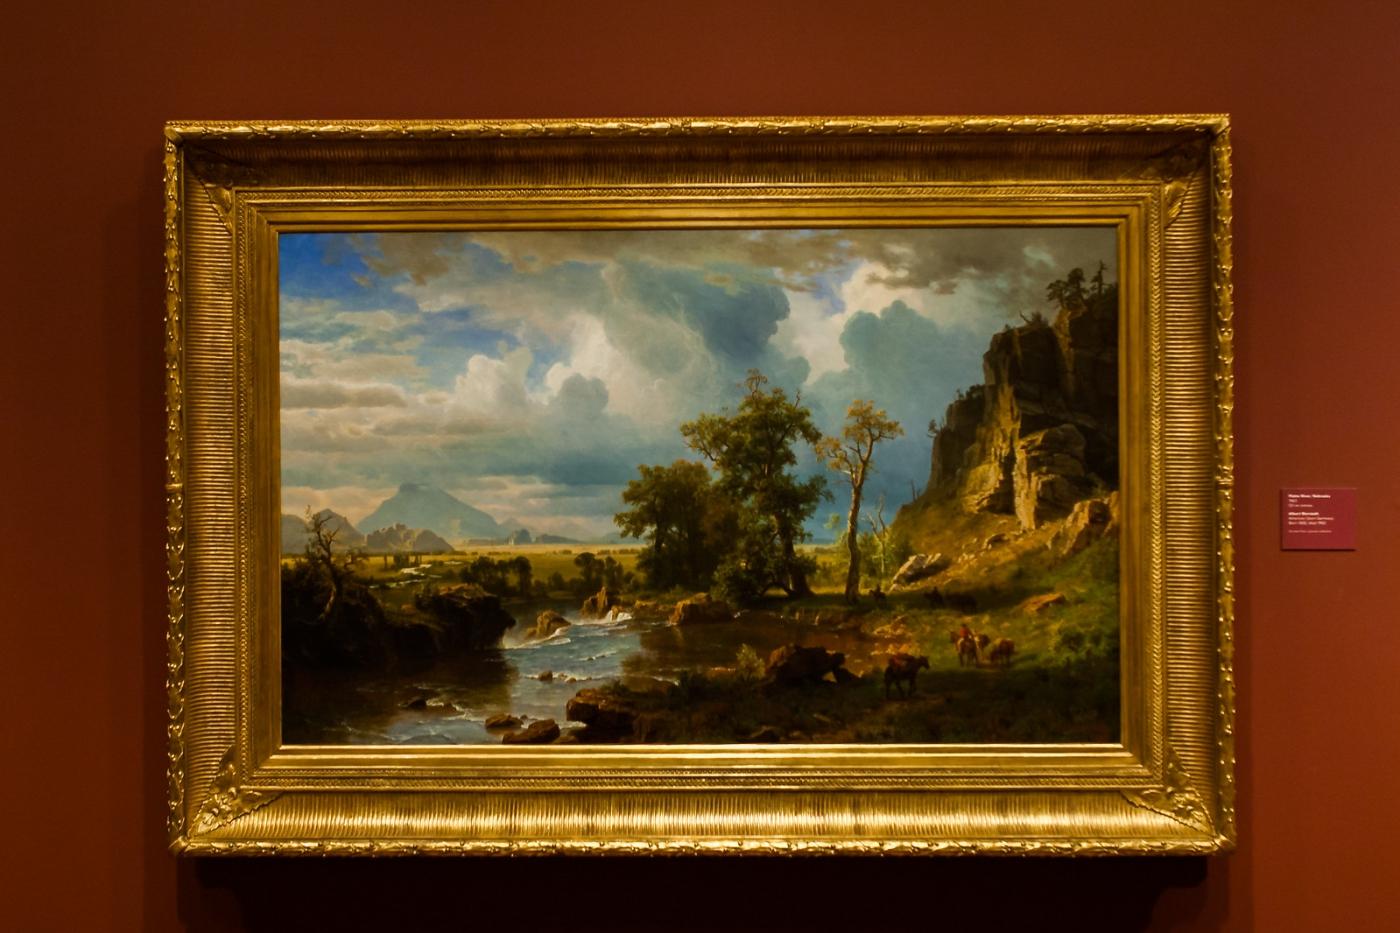 费城艺术馆,那些馆藏稀世油画_图1-11